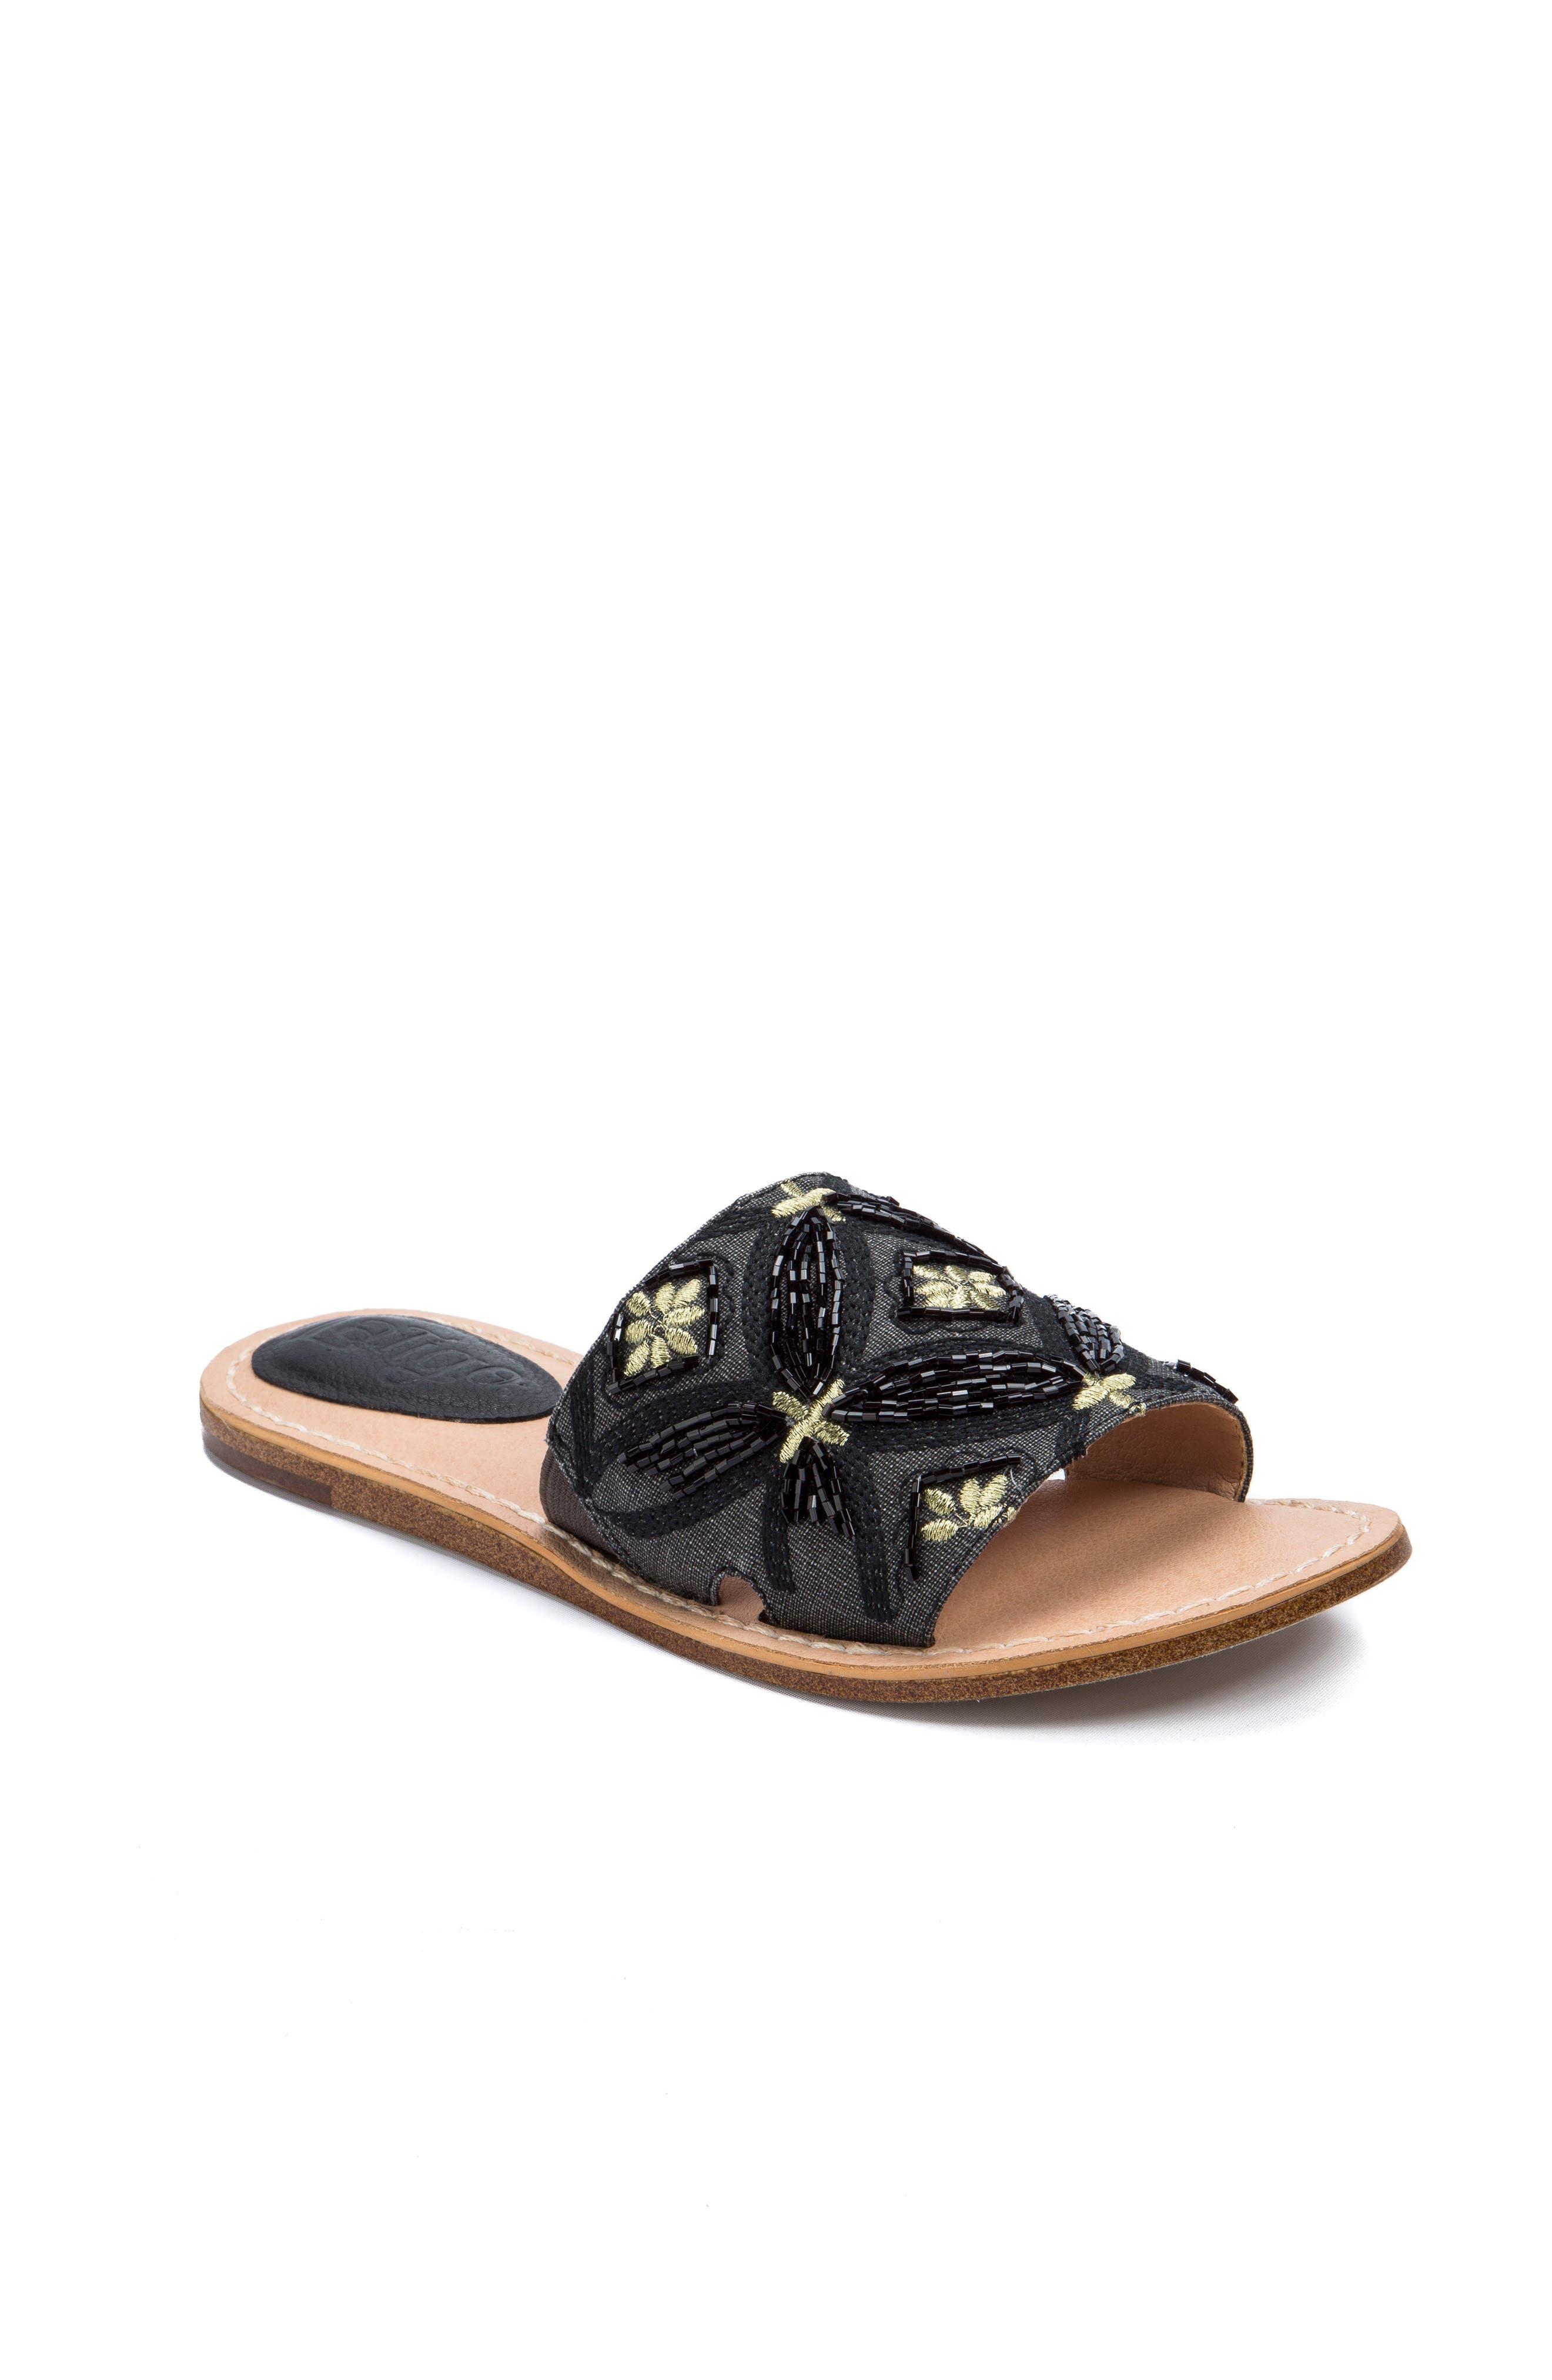 Vella Embellished Slide Sandal,                         Main,                         color, 001